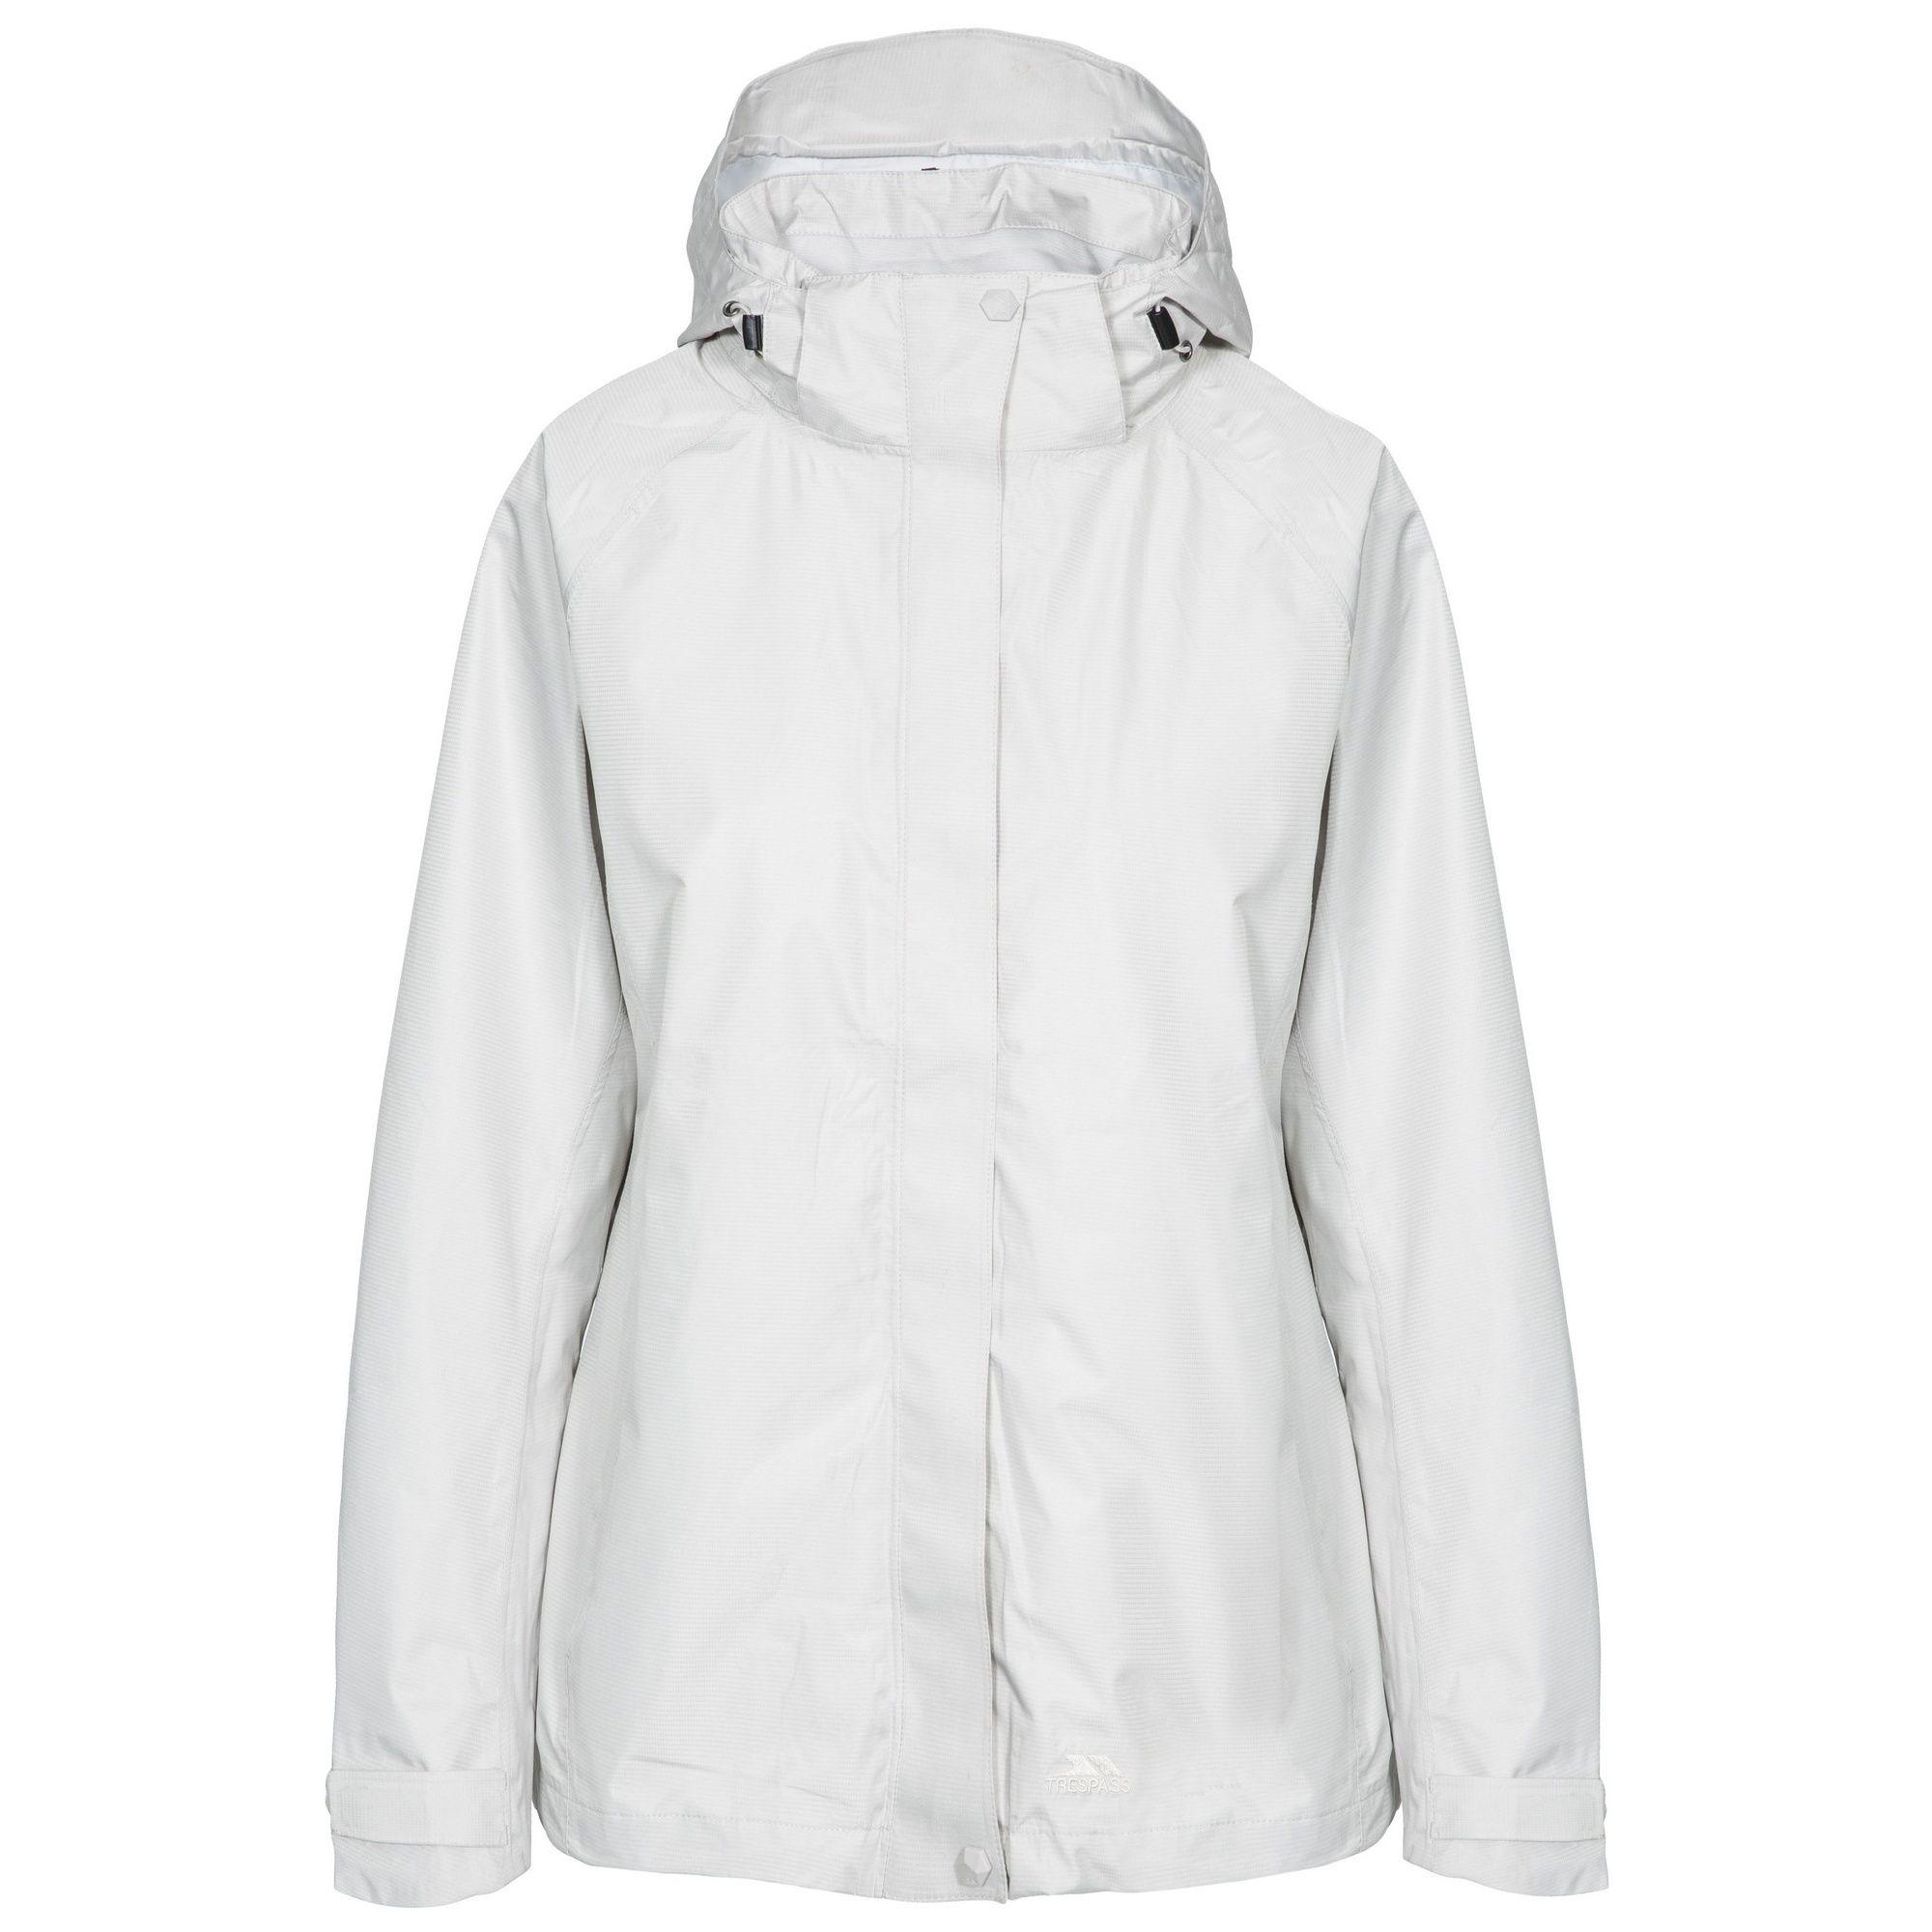 Trespass Womens/Ladies Review Waterproof Jacket